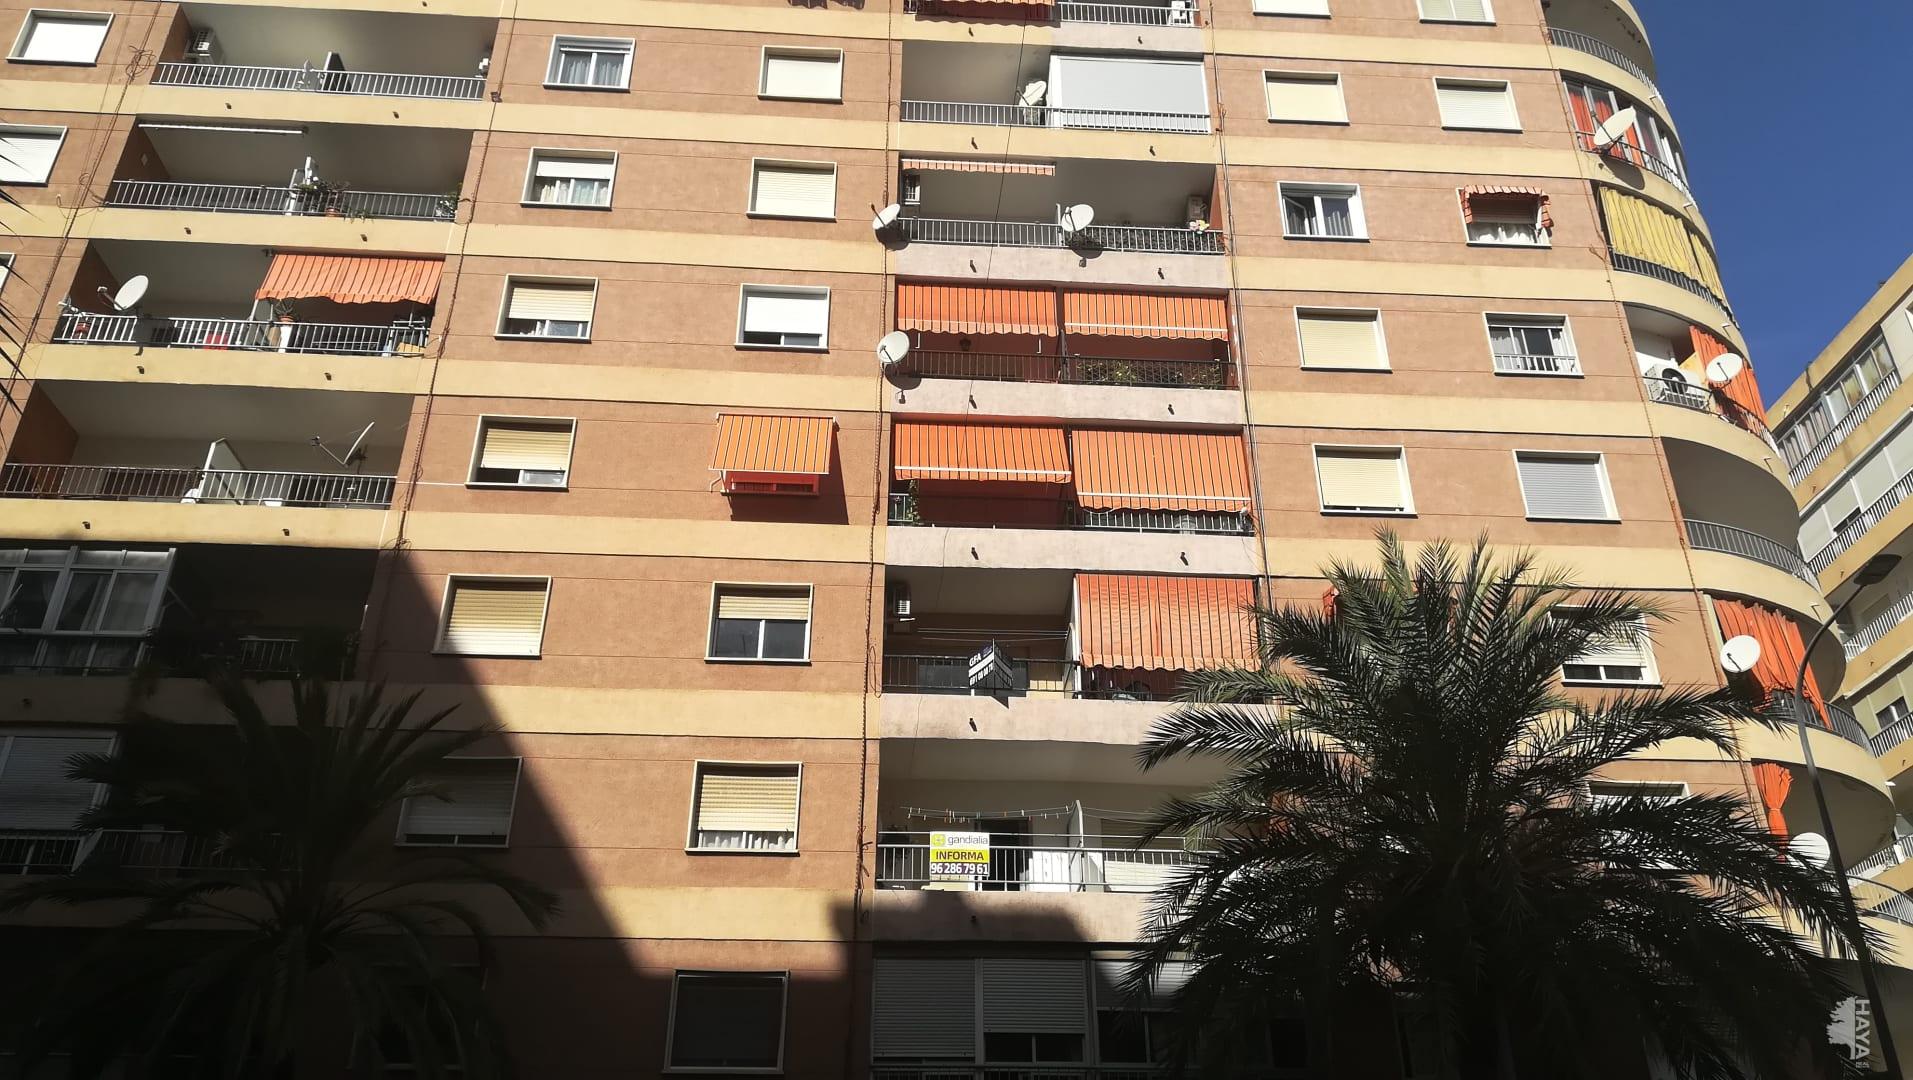 Piso en venta en Gandia, Valencia, Avenida Republica Argentina, 93.300 €, 4 habitaciones, 2 baños, 95 m2